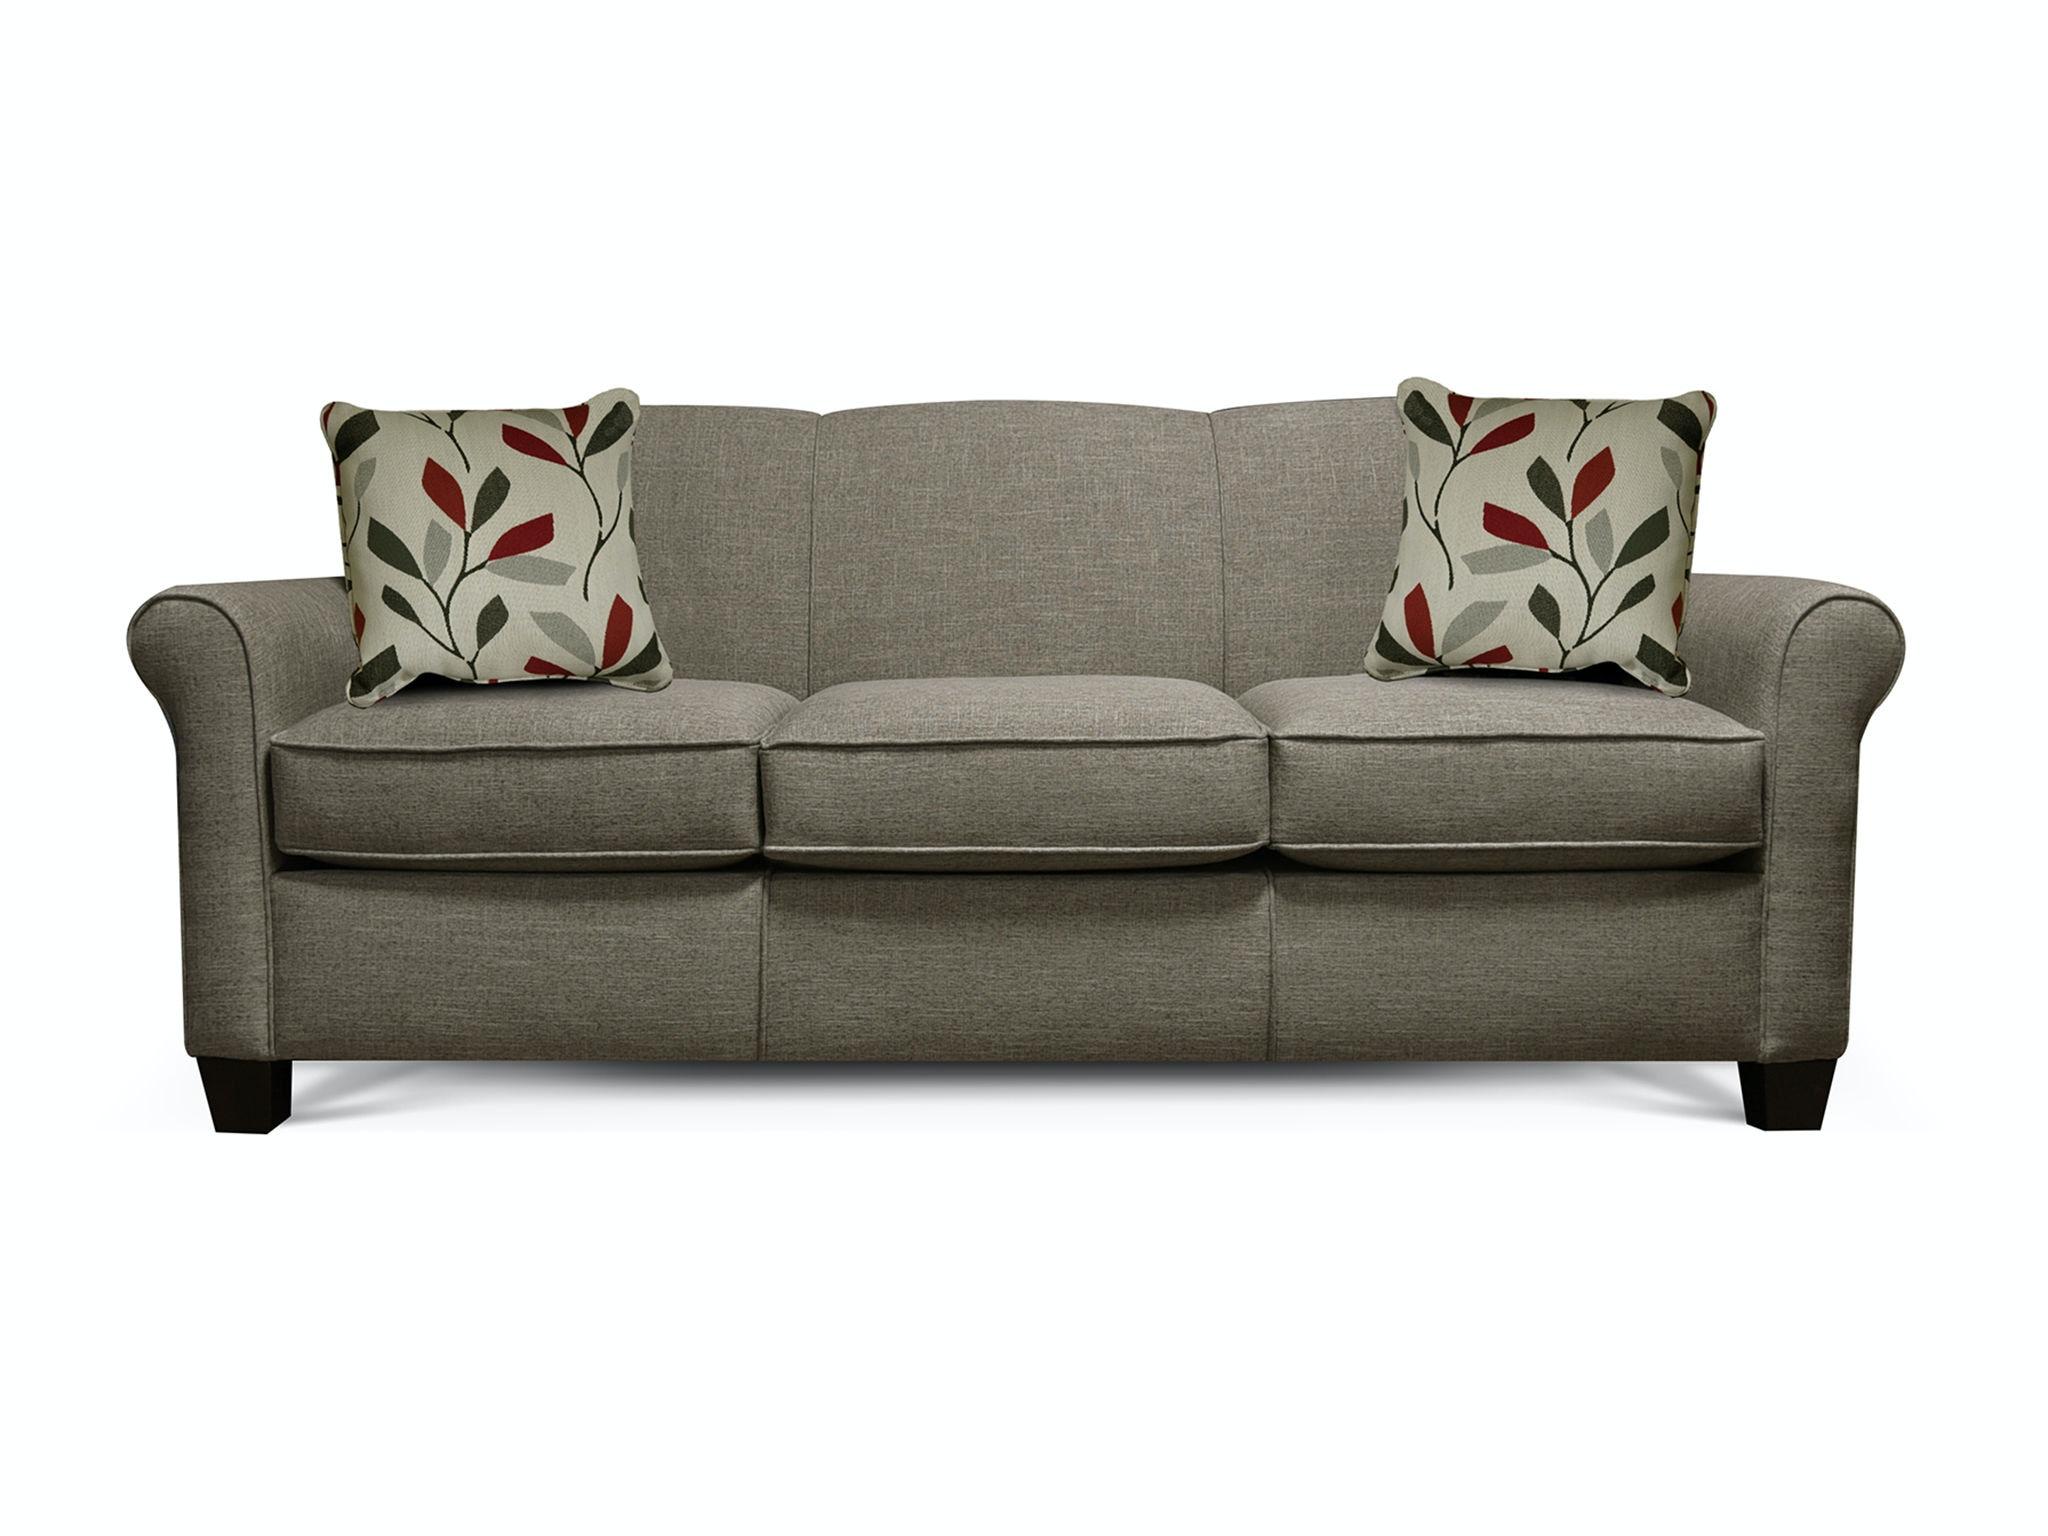 england living room angie sofa 4635 england furniture new rh englandfurniture com england furniture angie sofa england furniture angie sofa